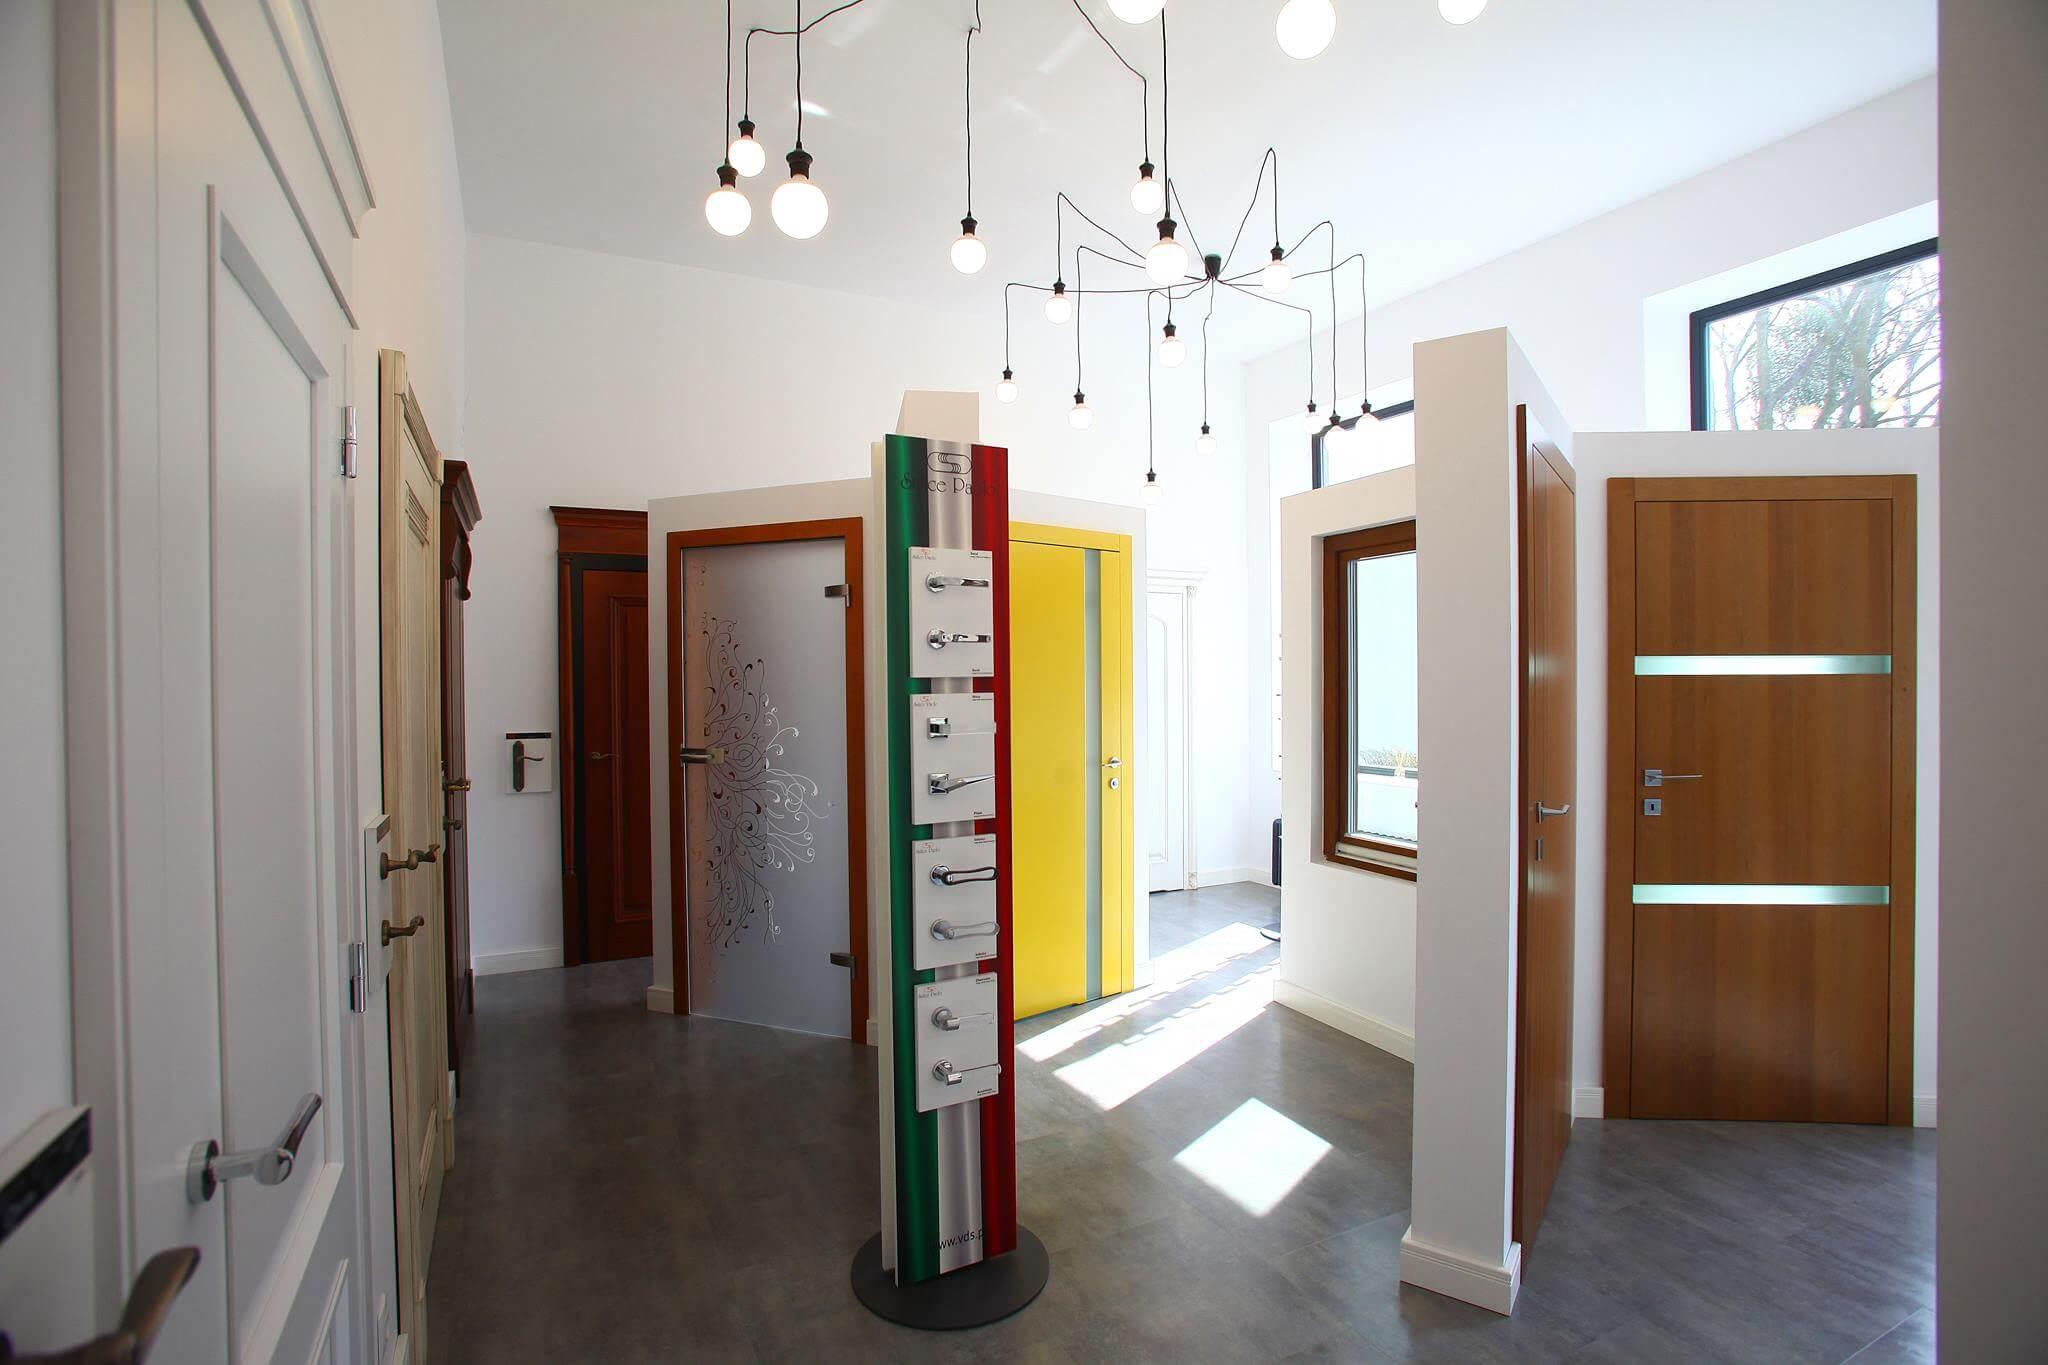 Galeria drzwi Prestige - wtwójmieście idealne miejsce dokupna drzwi